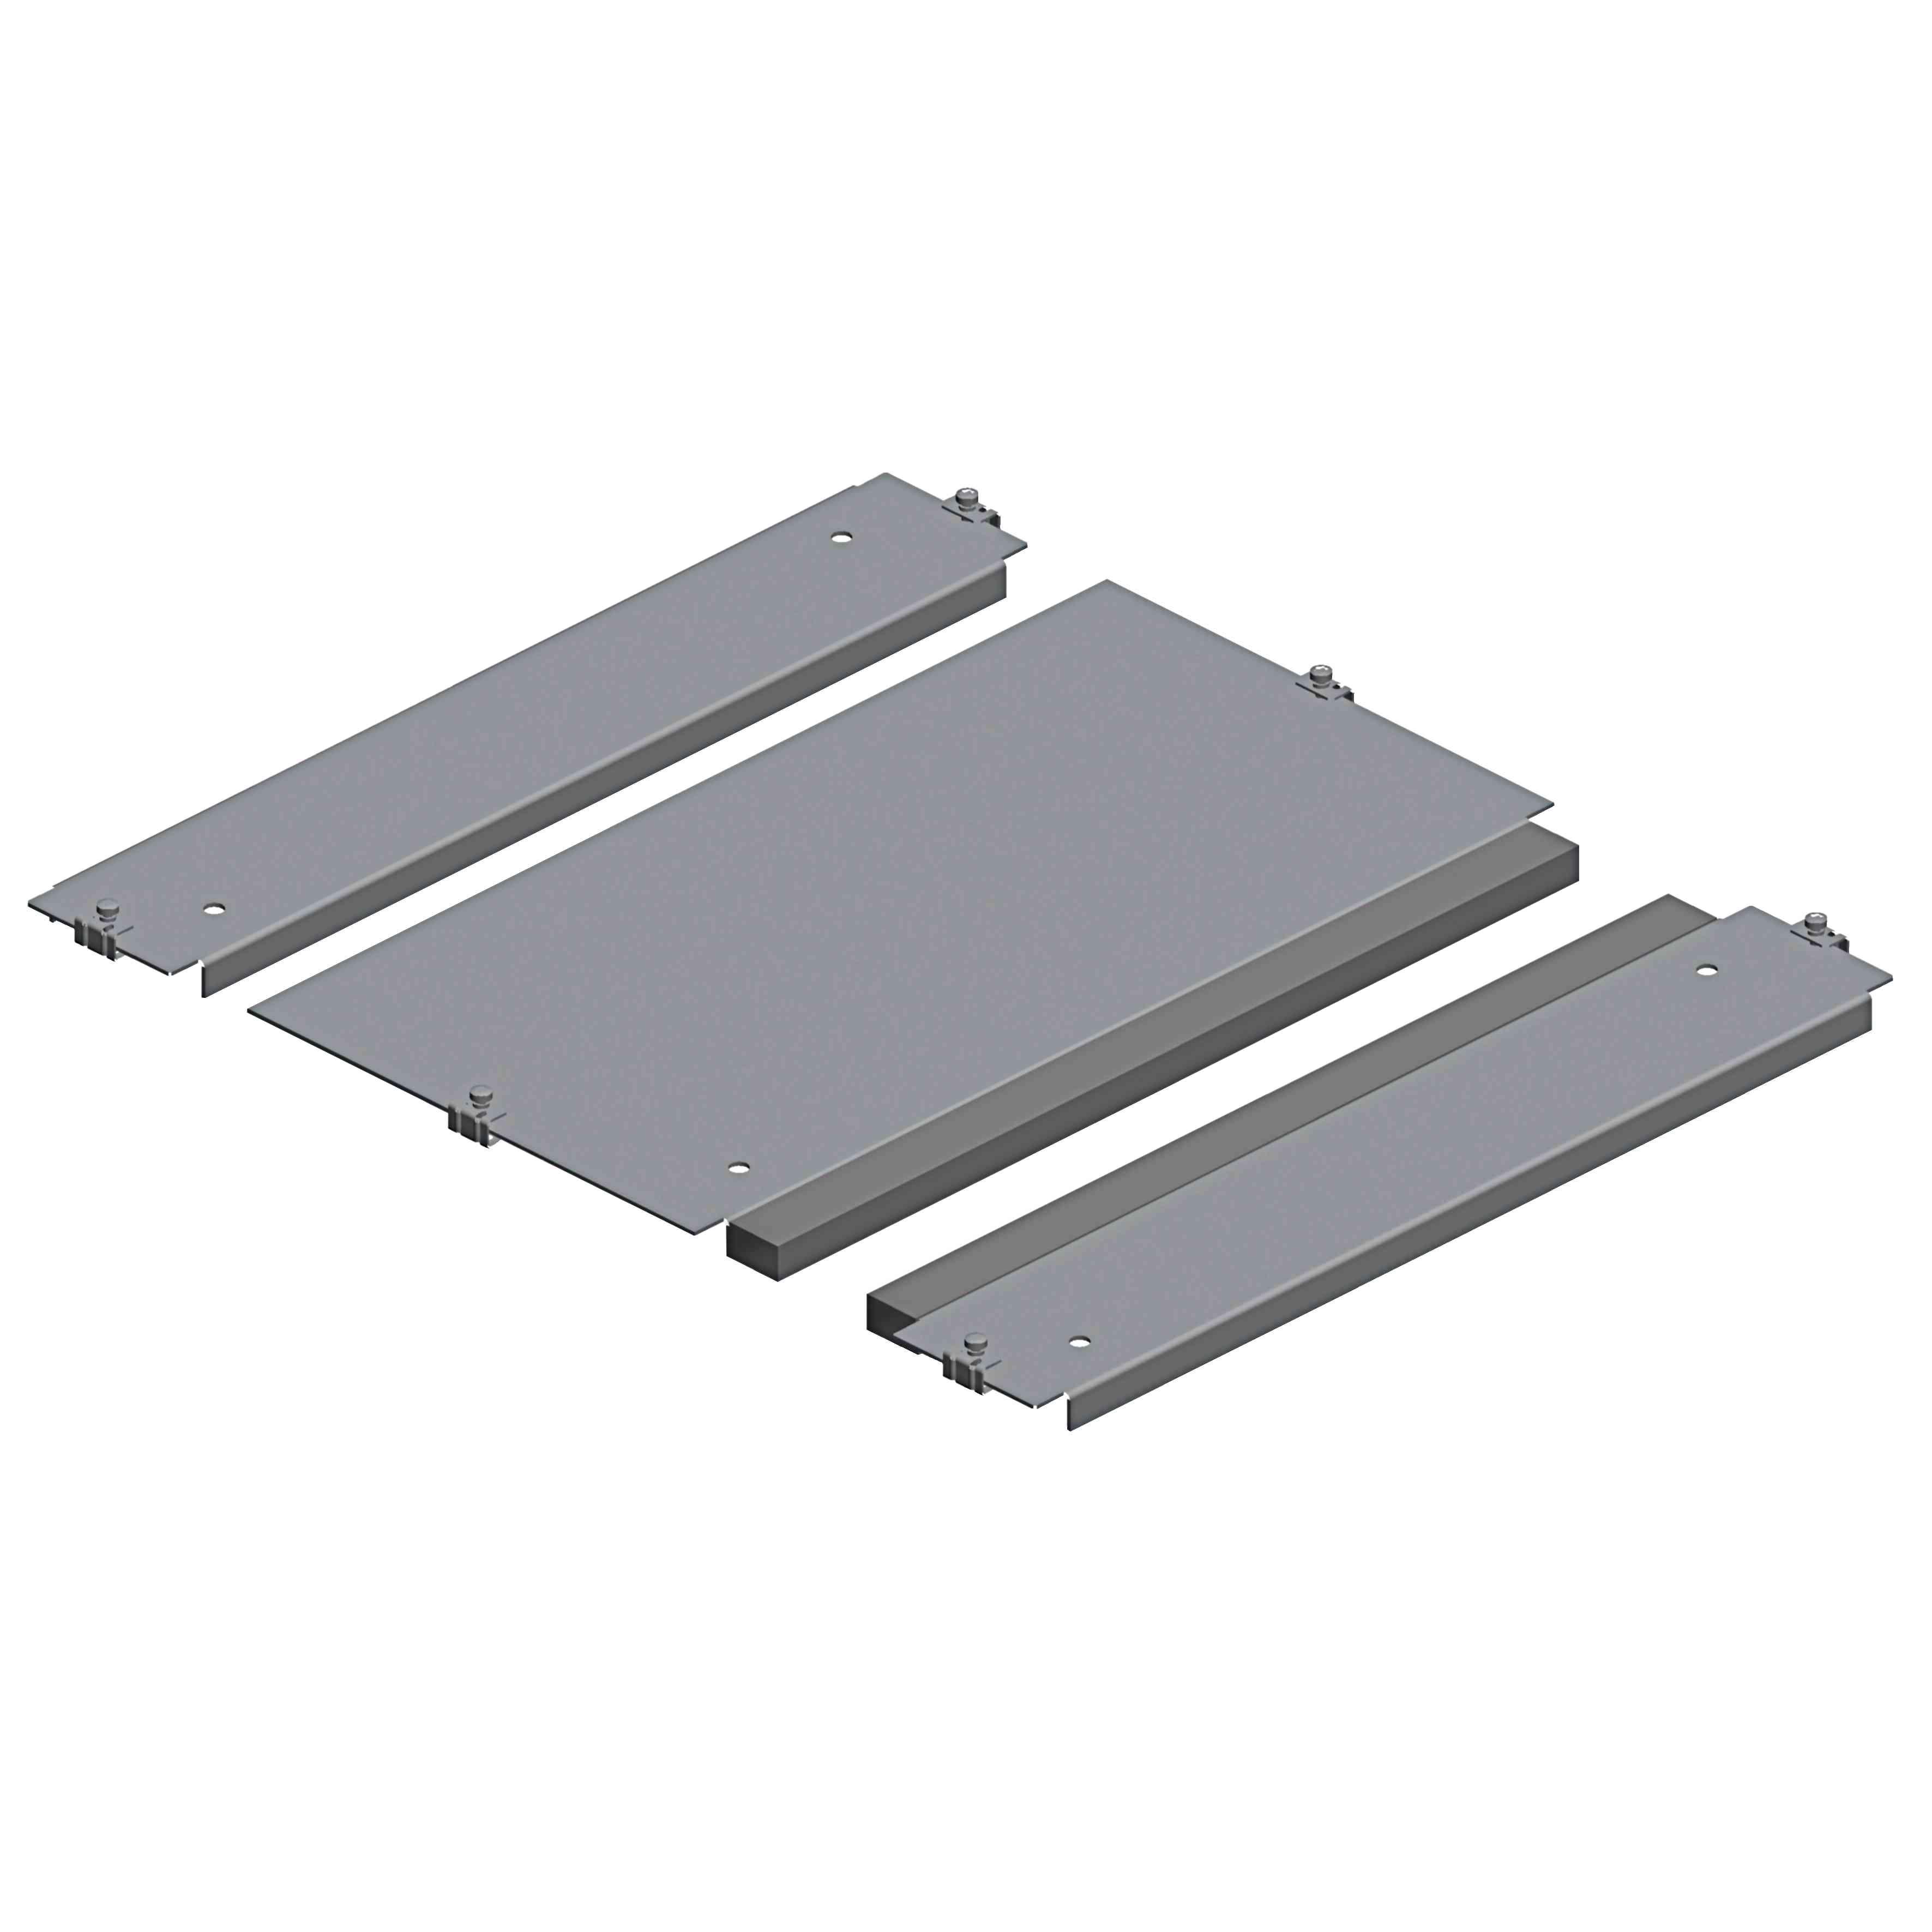 Spacial SF plošča kab. uvodnice z 1 vh. - pritr. s sponkami - 600 x 600 mm